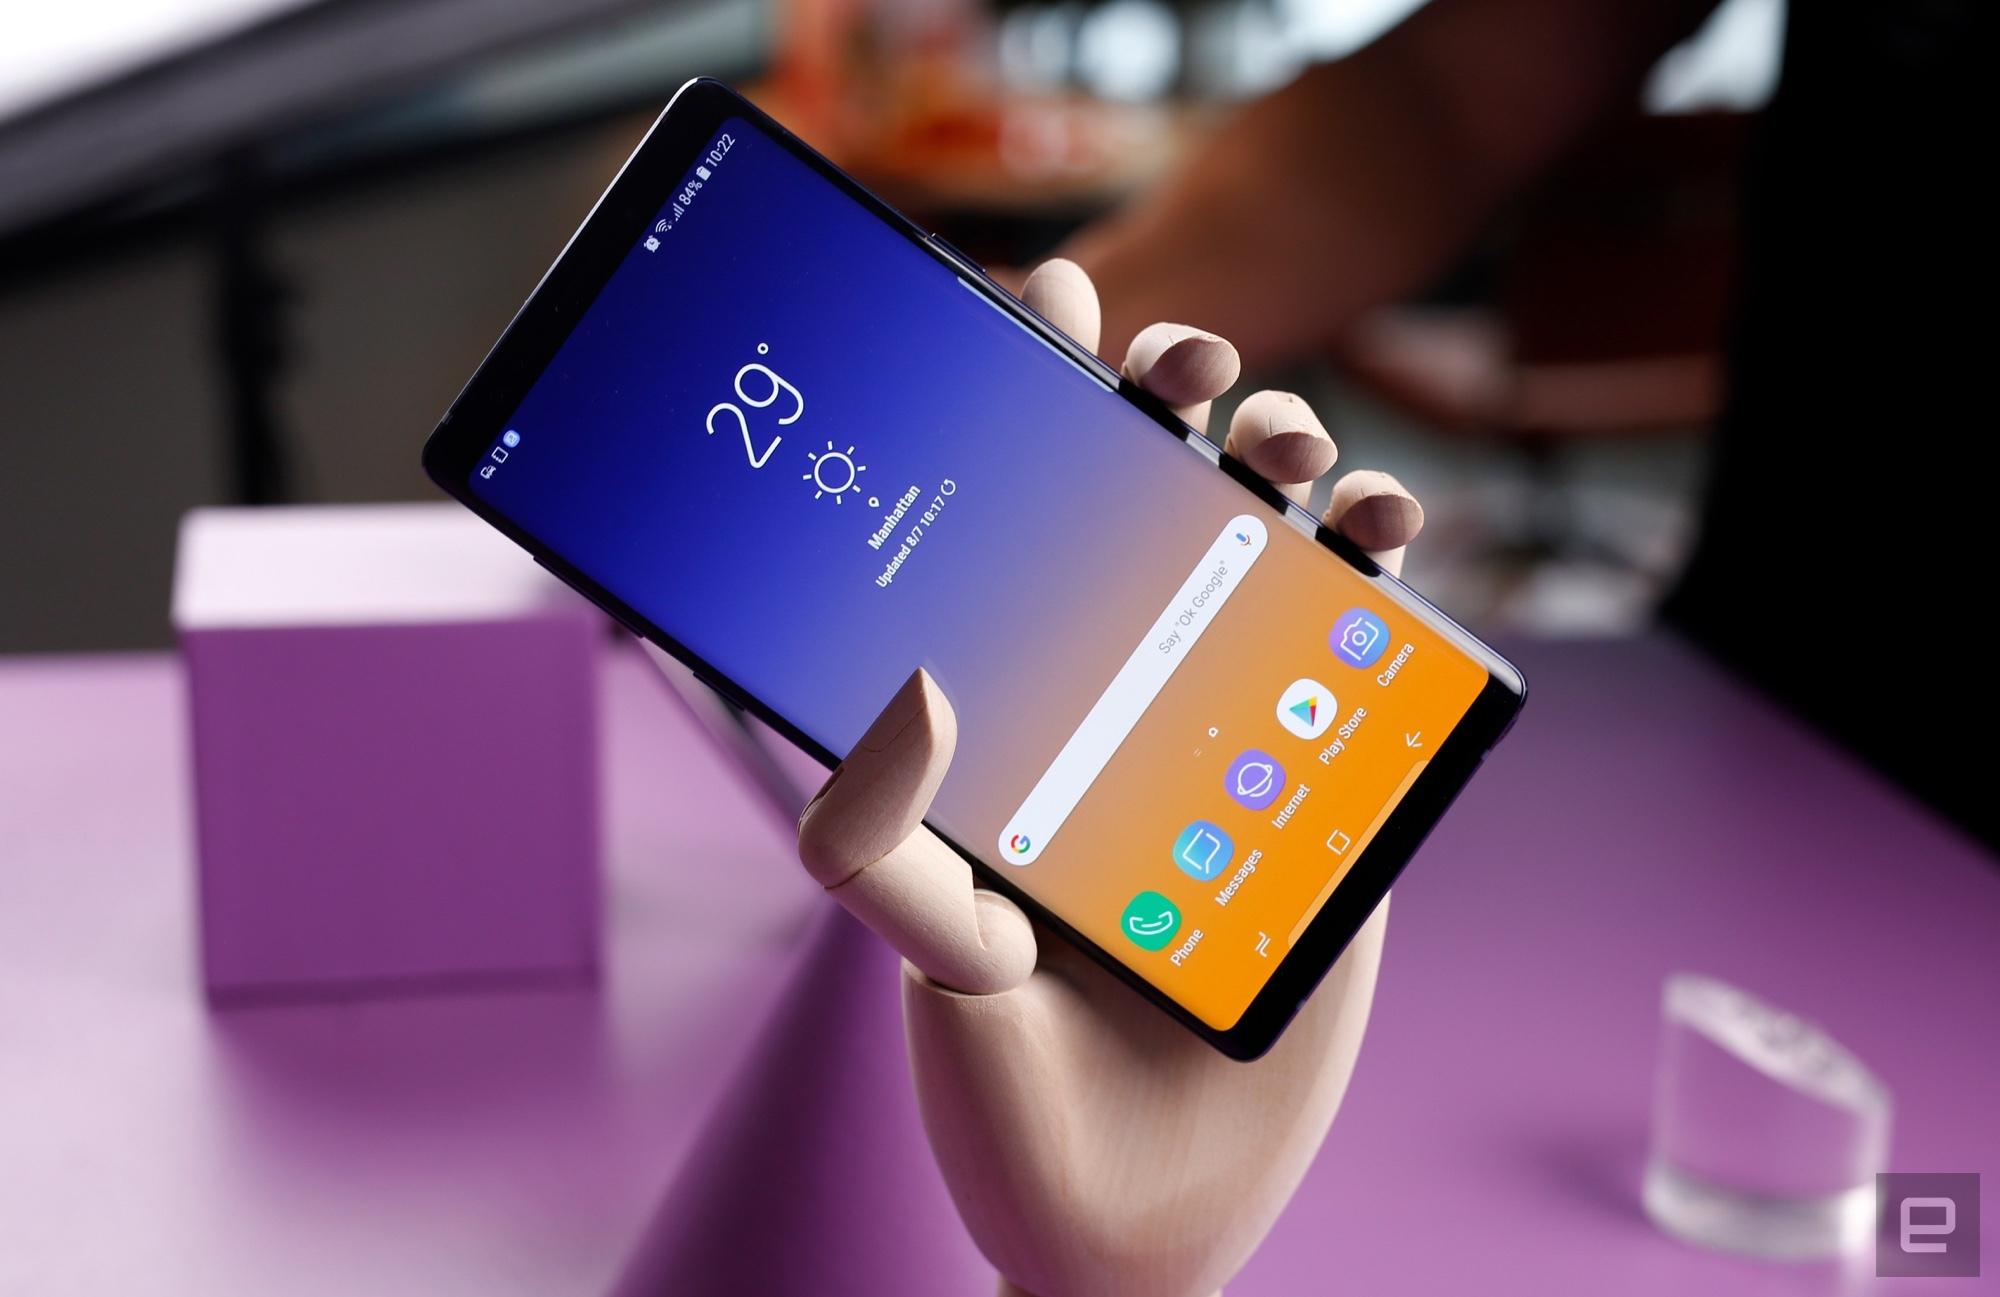 Sforum - Trang thông tin công nghệ mới nhất mg-6408-1 Galaxy Note 10 sẽ sở hữu màn hình lớn nhất từ trước đến nay trên dòng Note